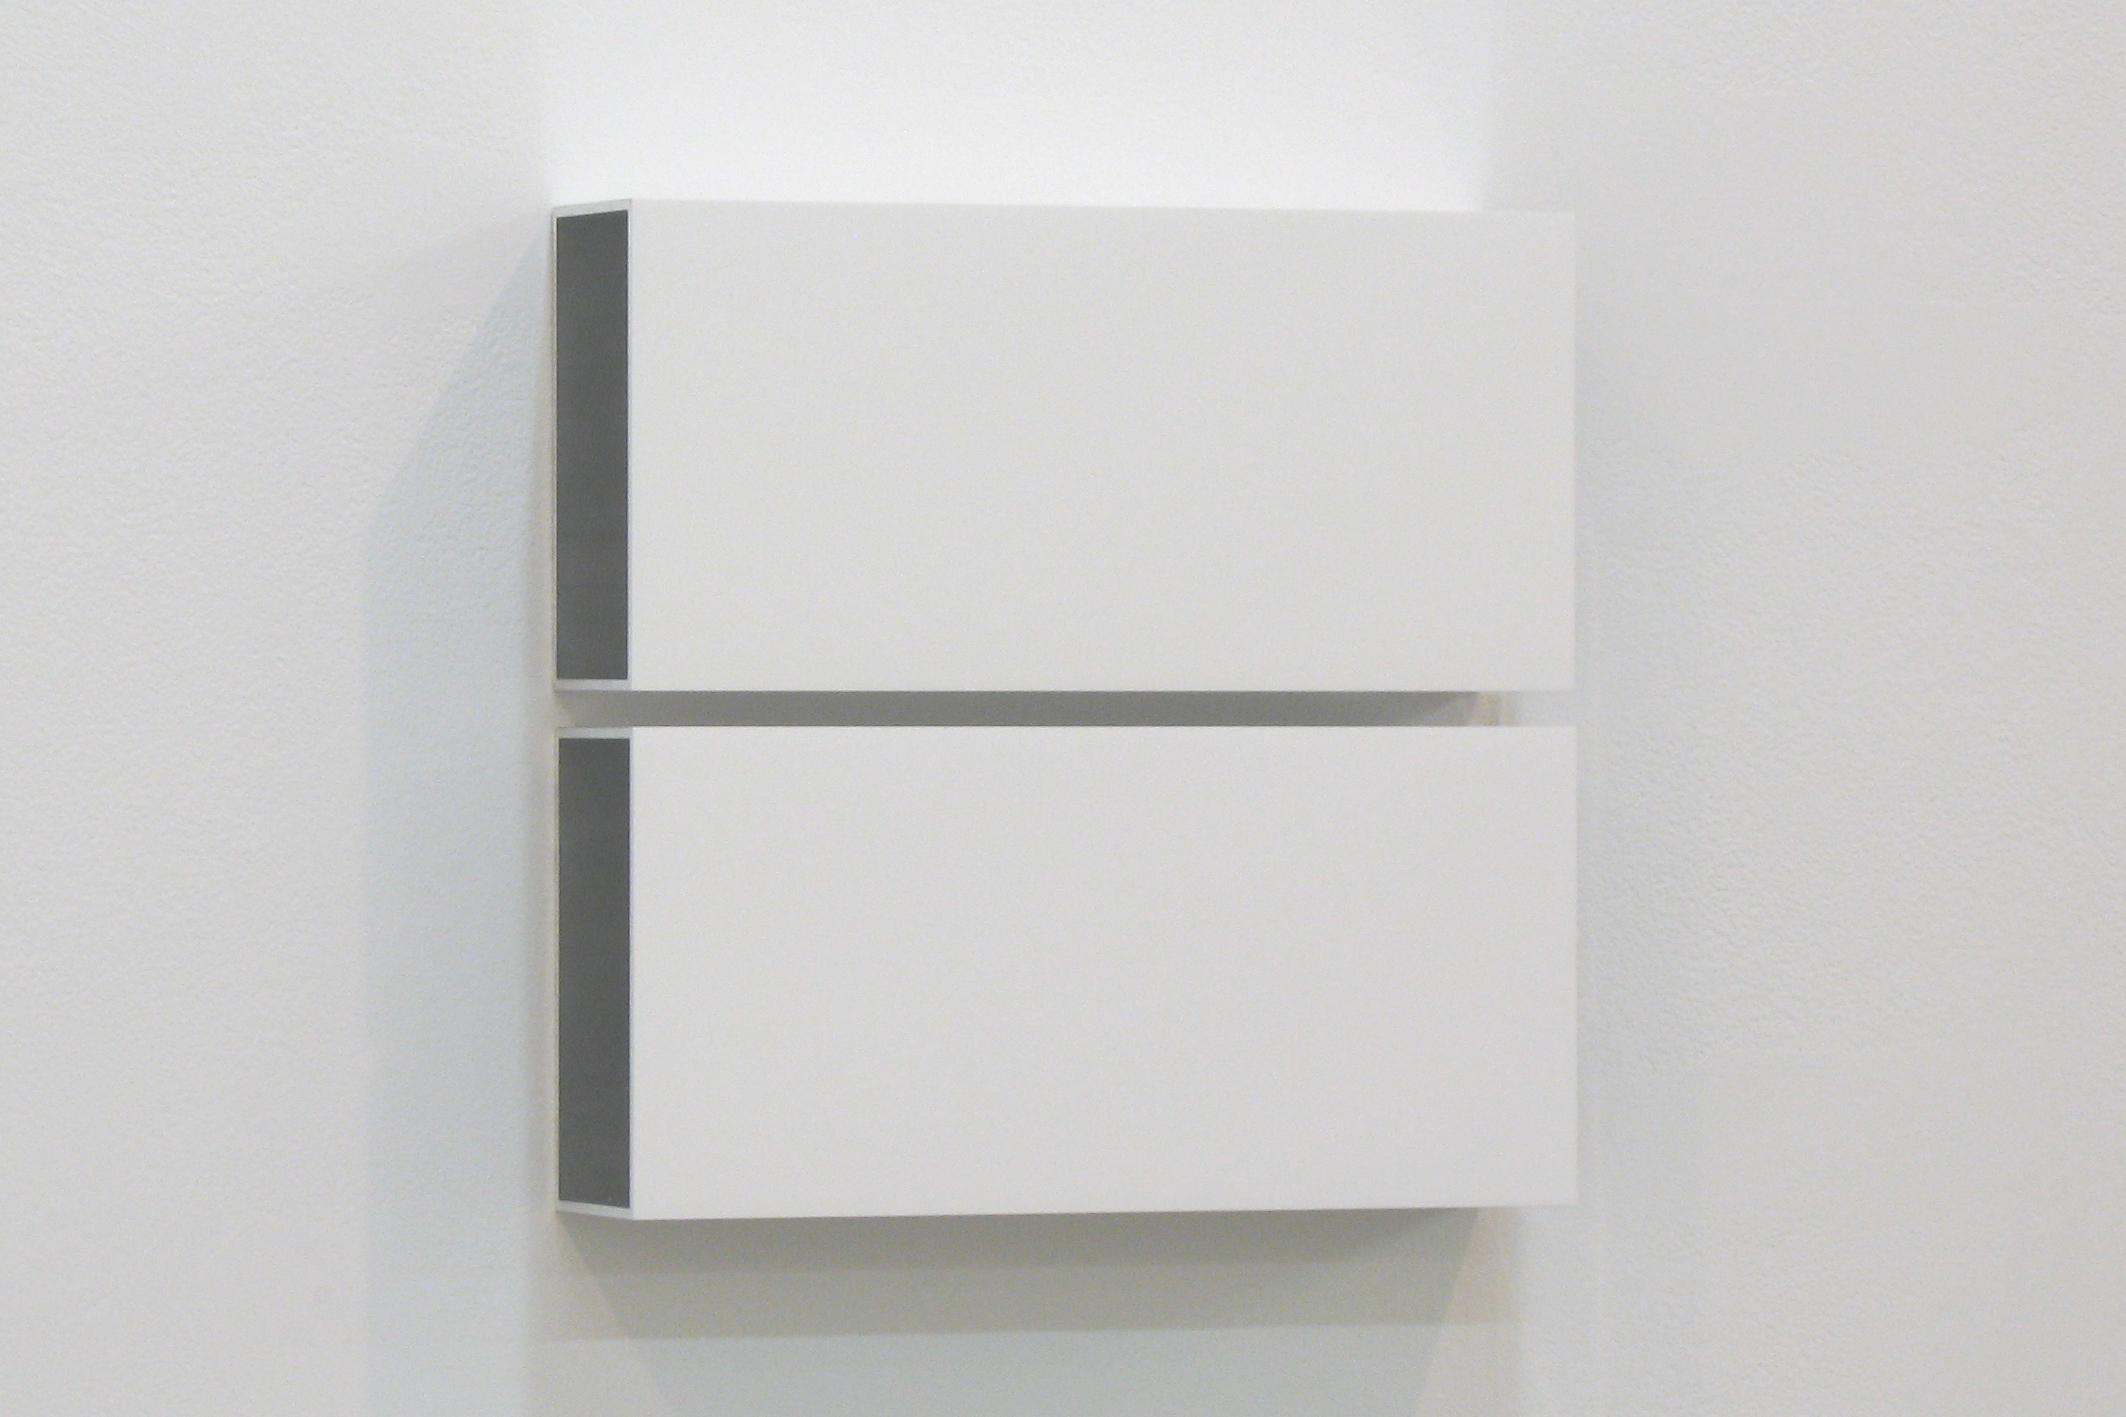 Two Colors 5|Aluminum, casein, pigment|25 x 25 x 6 cm|2011